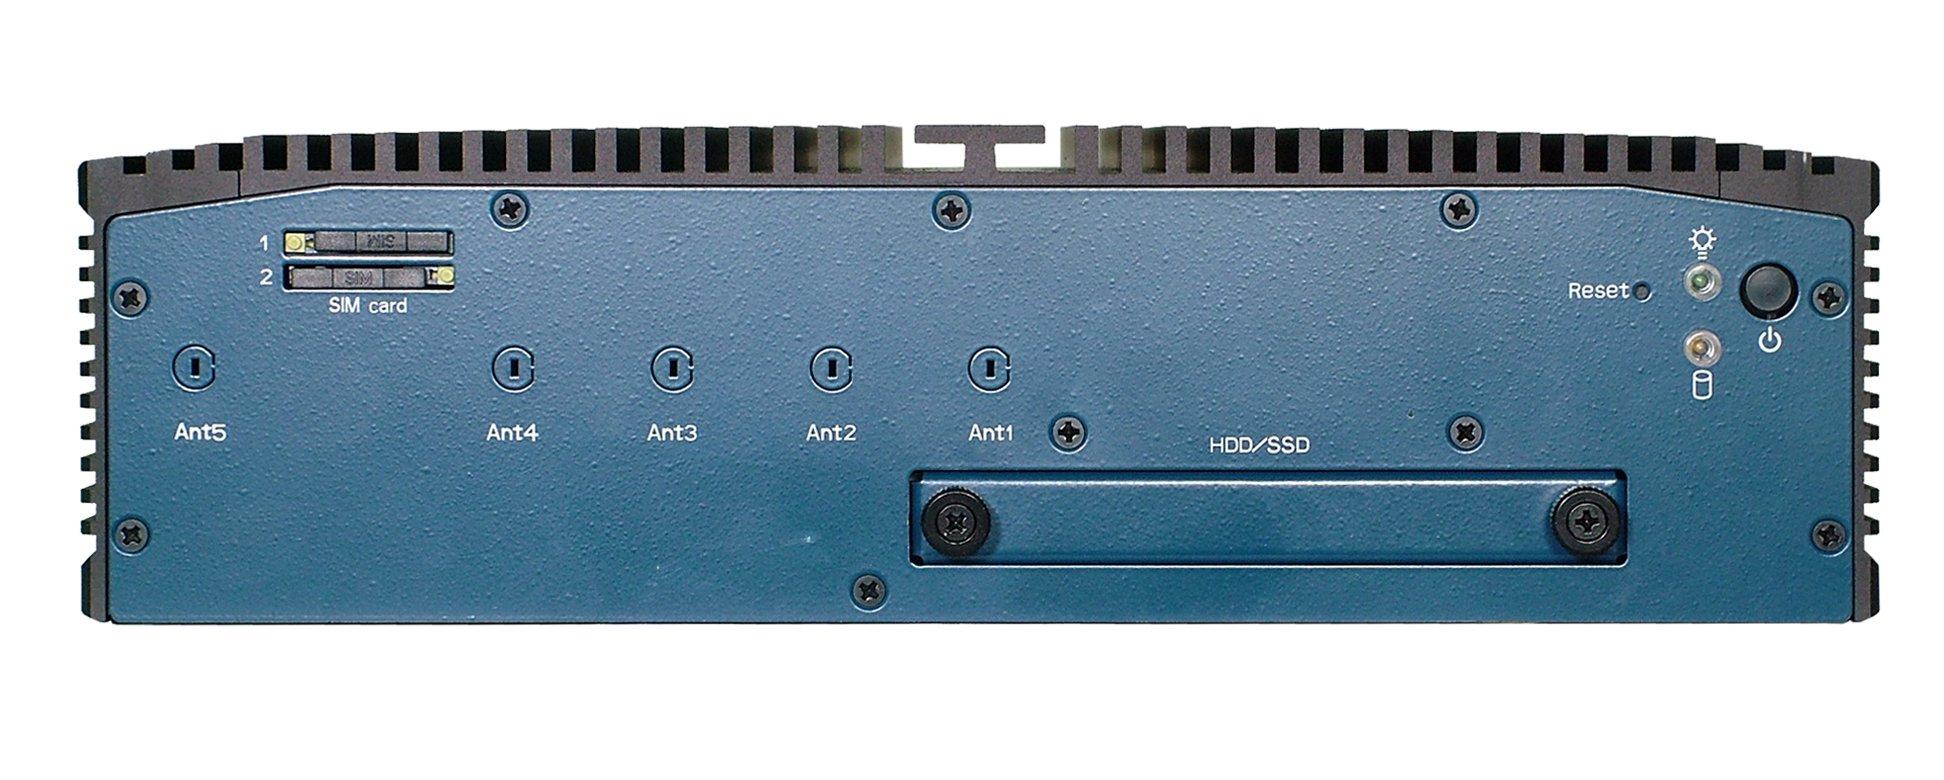 Fanless PC Box - SE-8300